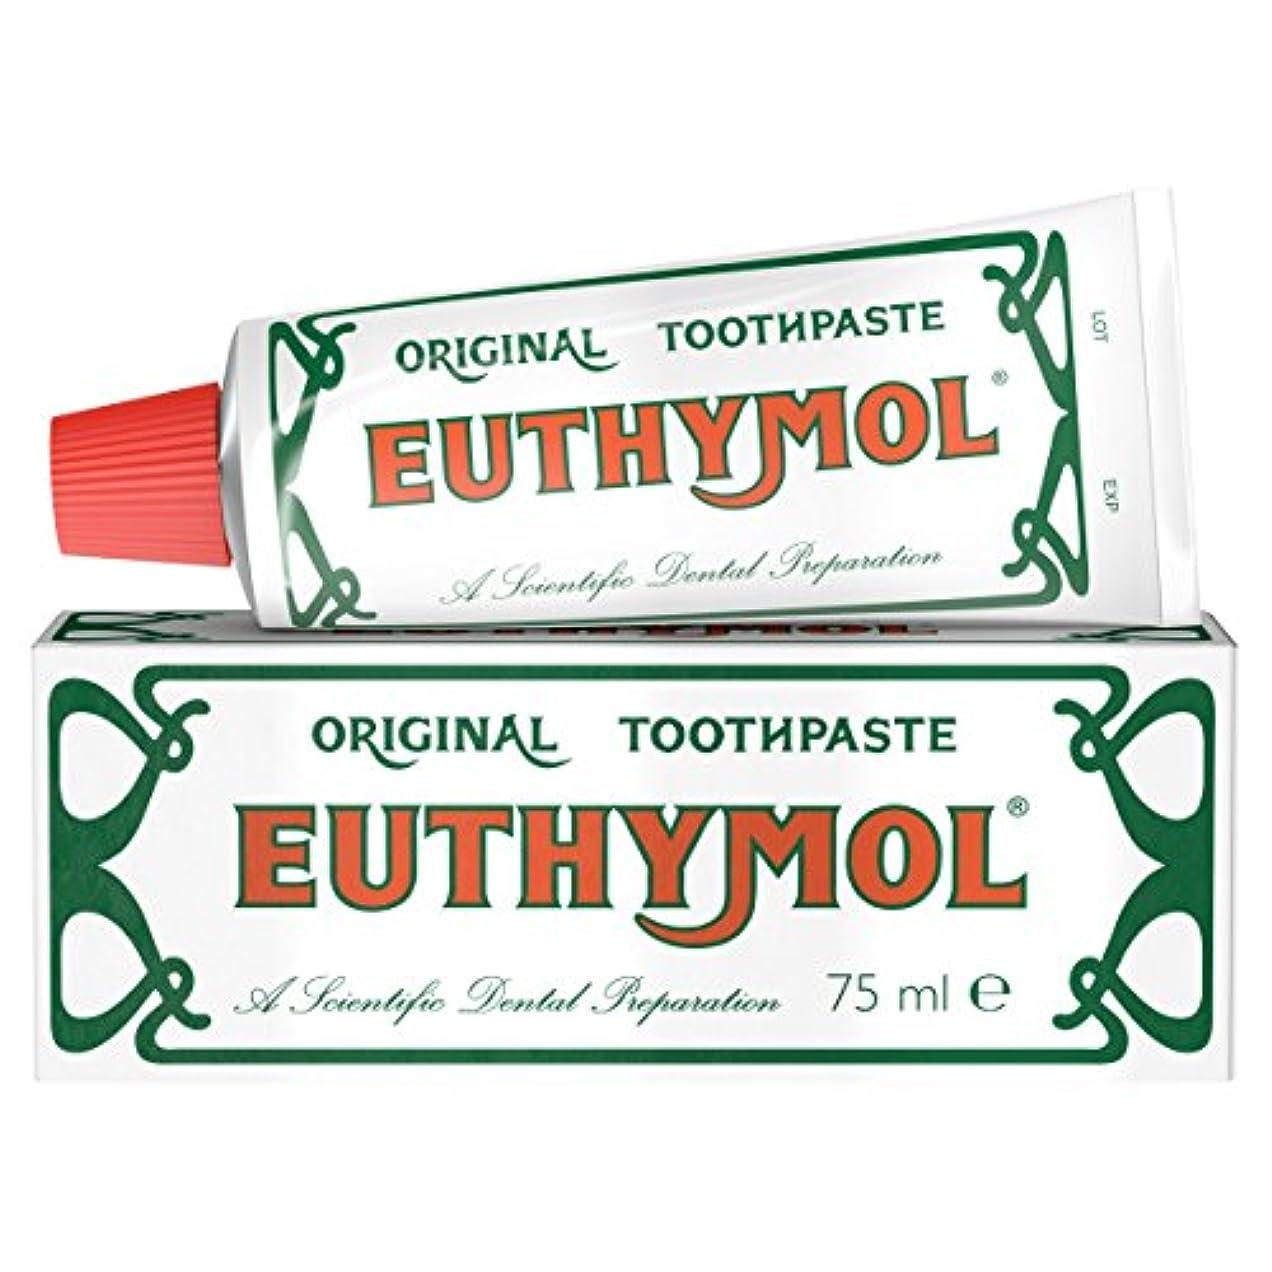 かんたん圧縮されたどこにもEuthymol オリジナル歯磨き粉 75ml 並行輸入品 Euthymol Original Toothpaste 75 Ml